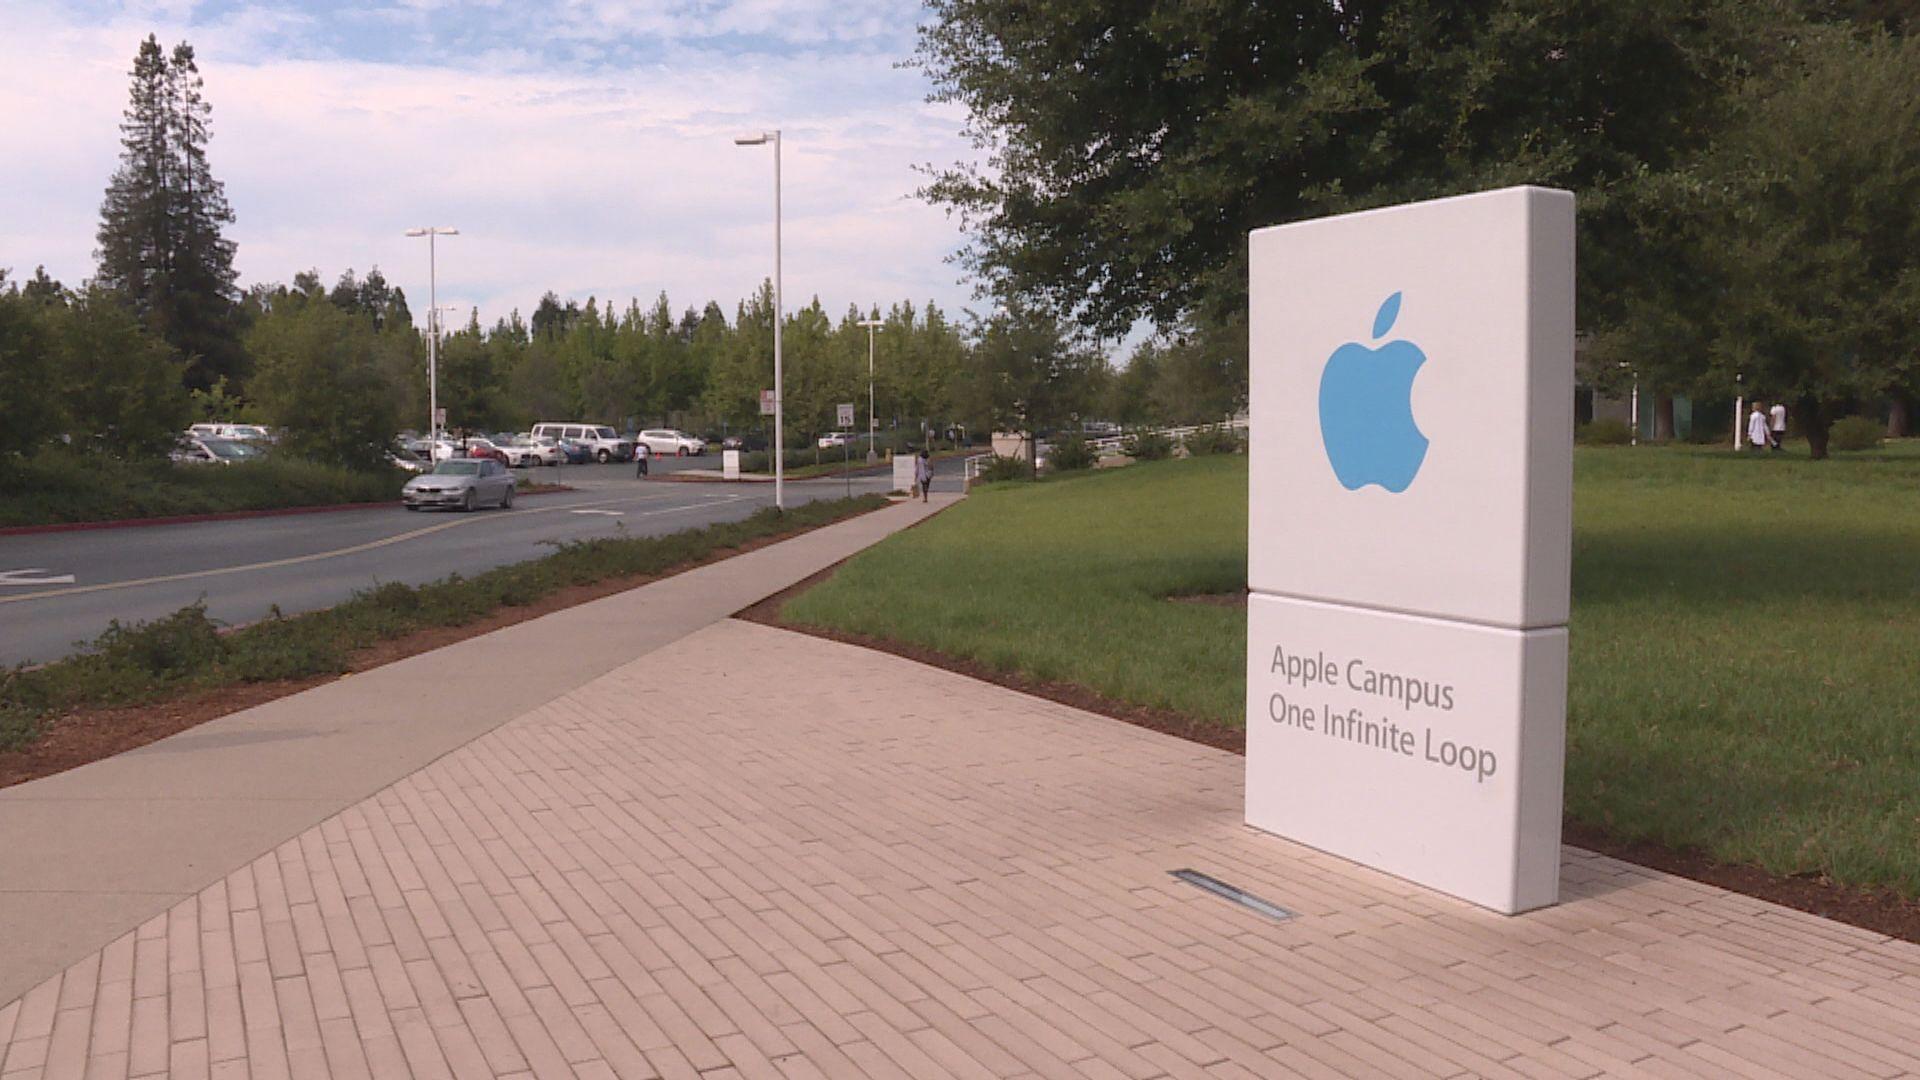 紐時:蘋果為中國巿場將客戶資料儲存於中國國企伺服器